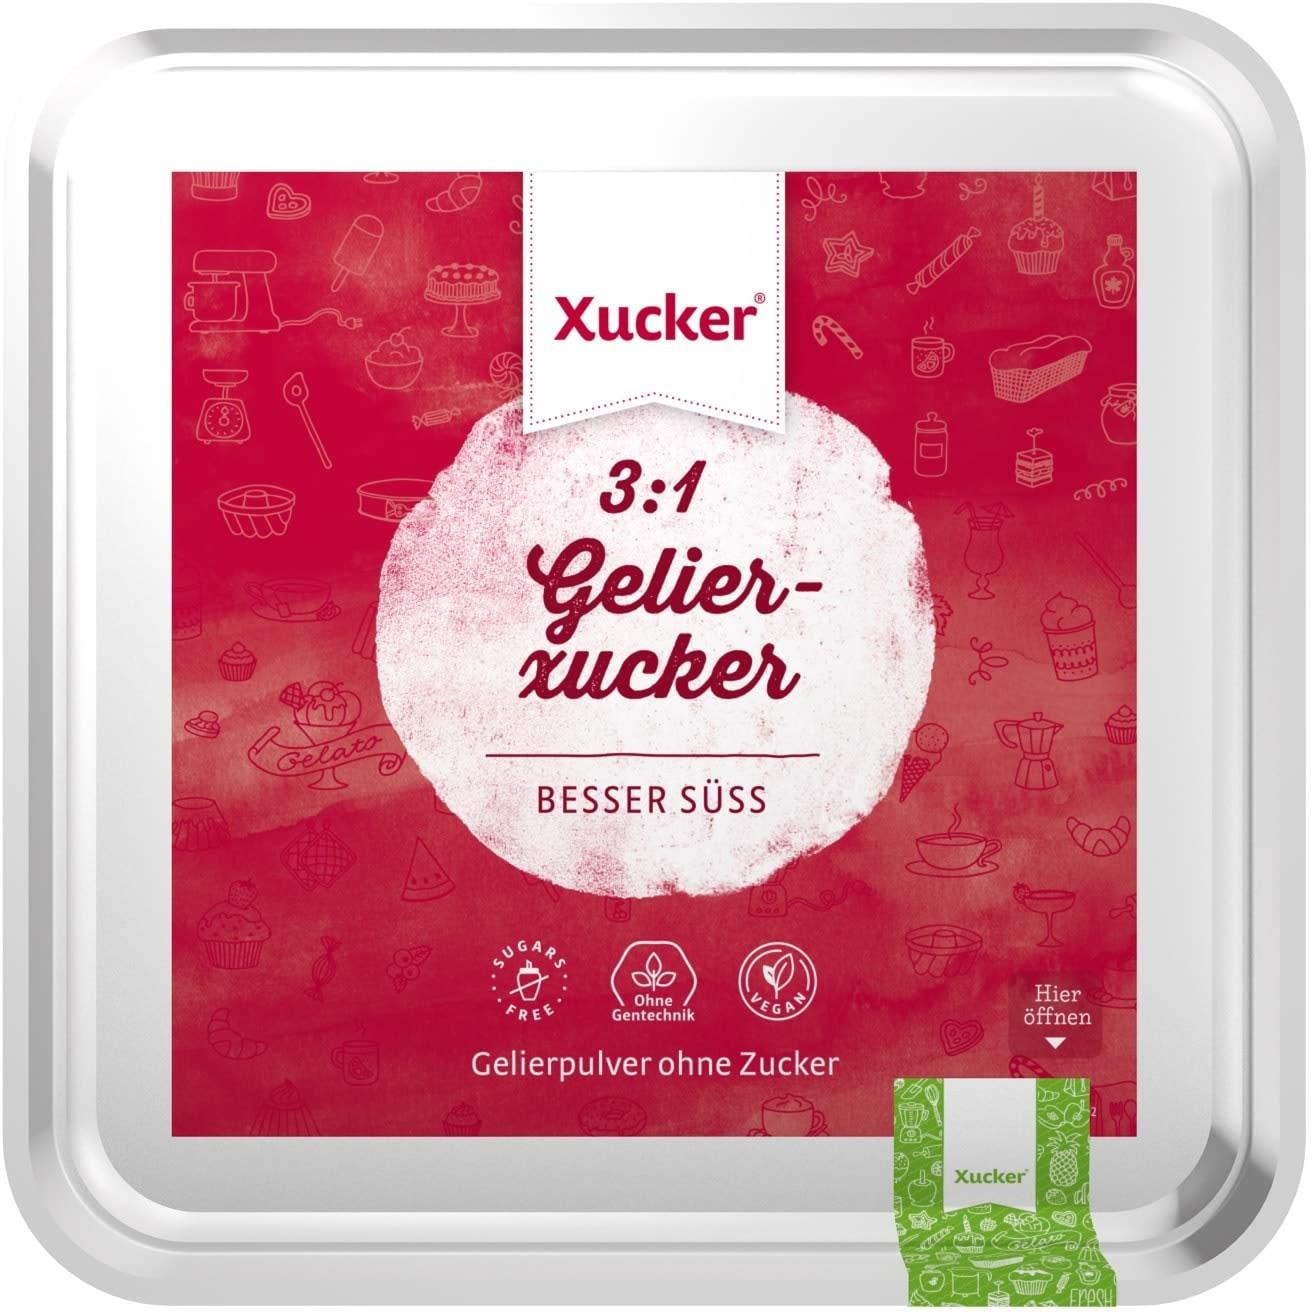 Xucker 3:1 Gelier-Xucker 4kg